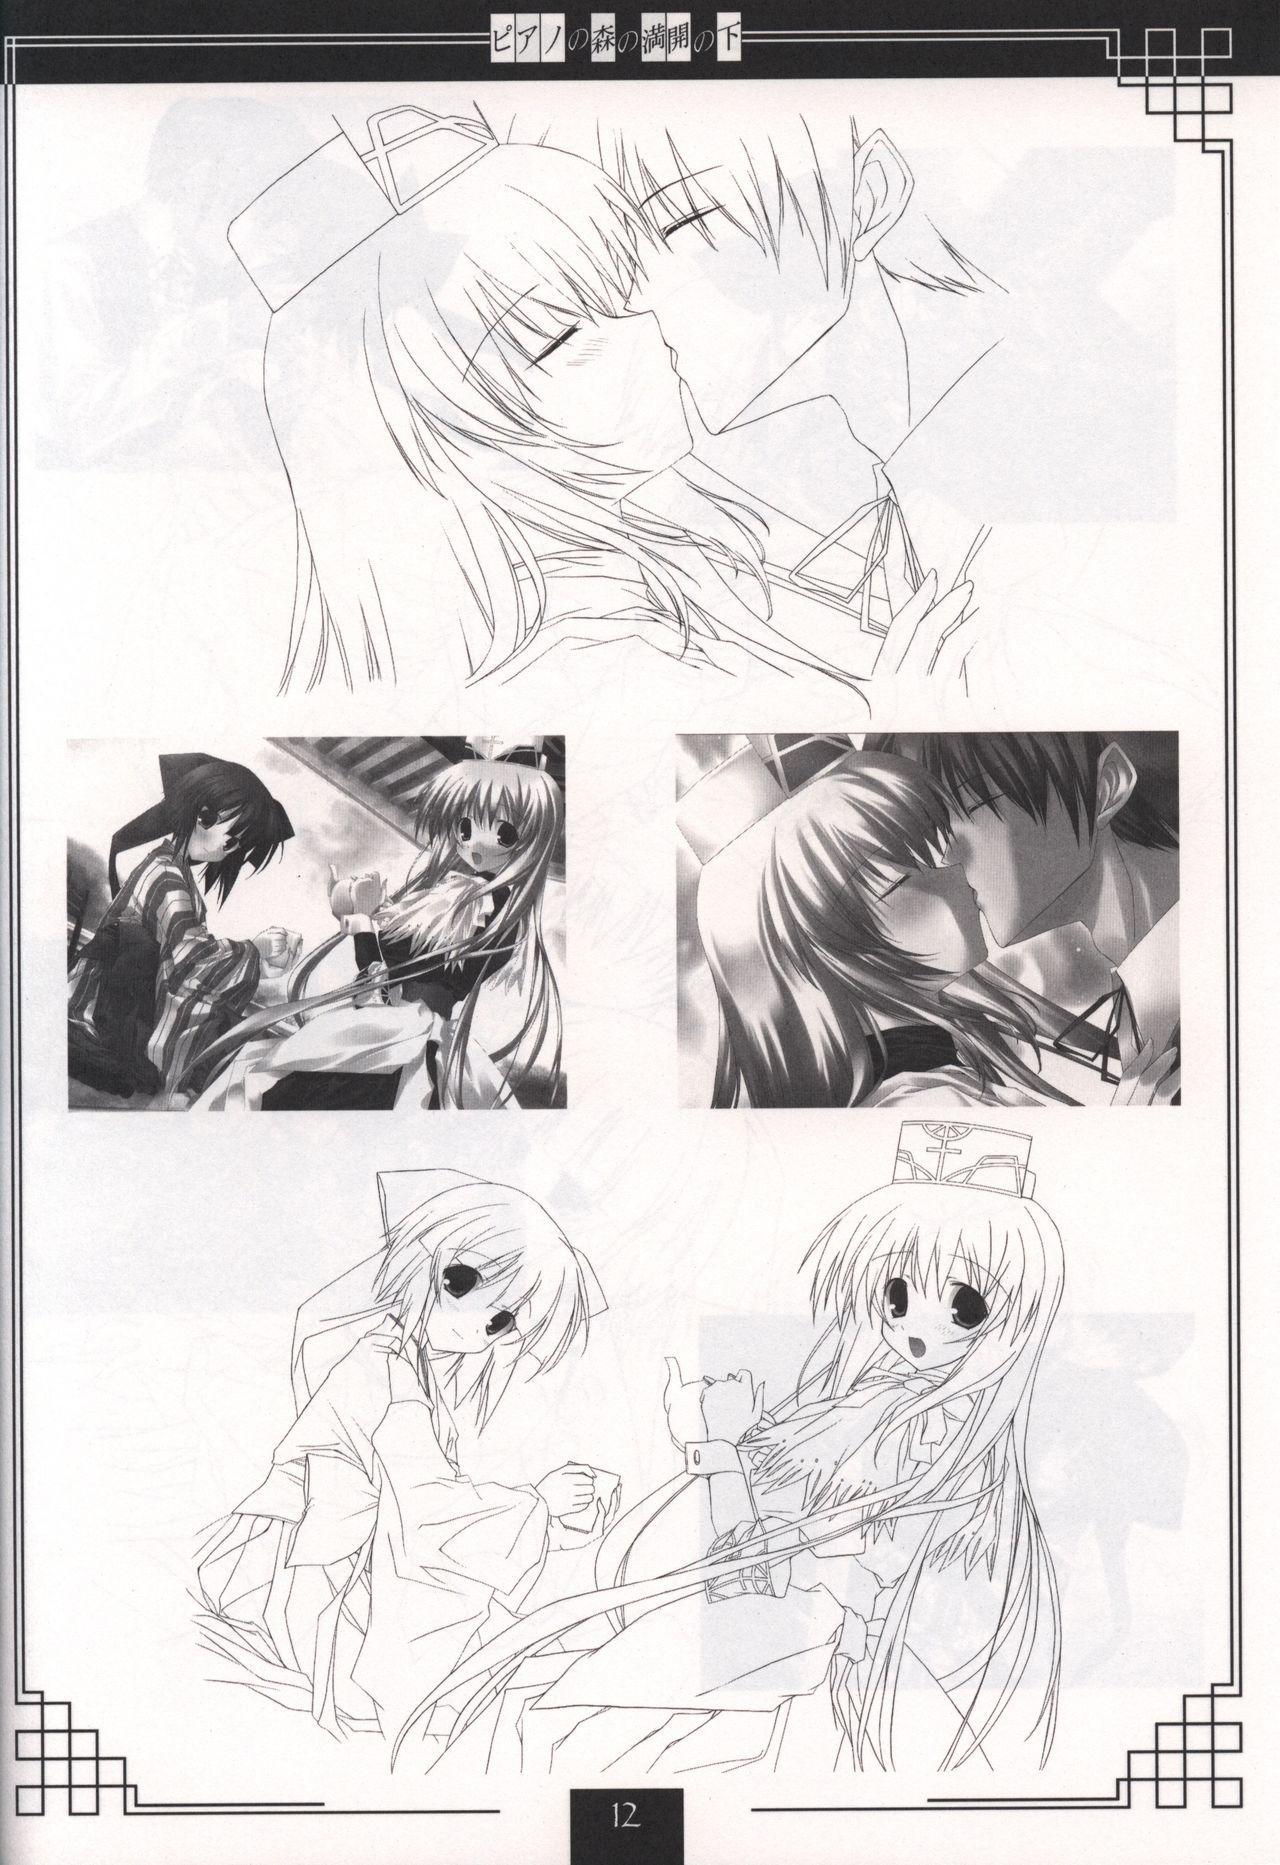 Piano no Mori no Mankai no Shita illustration art book 10